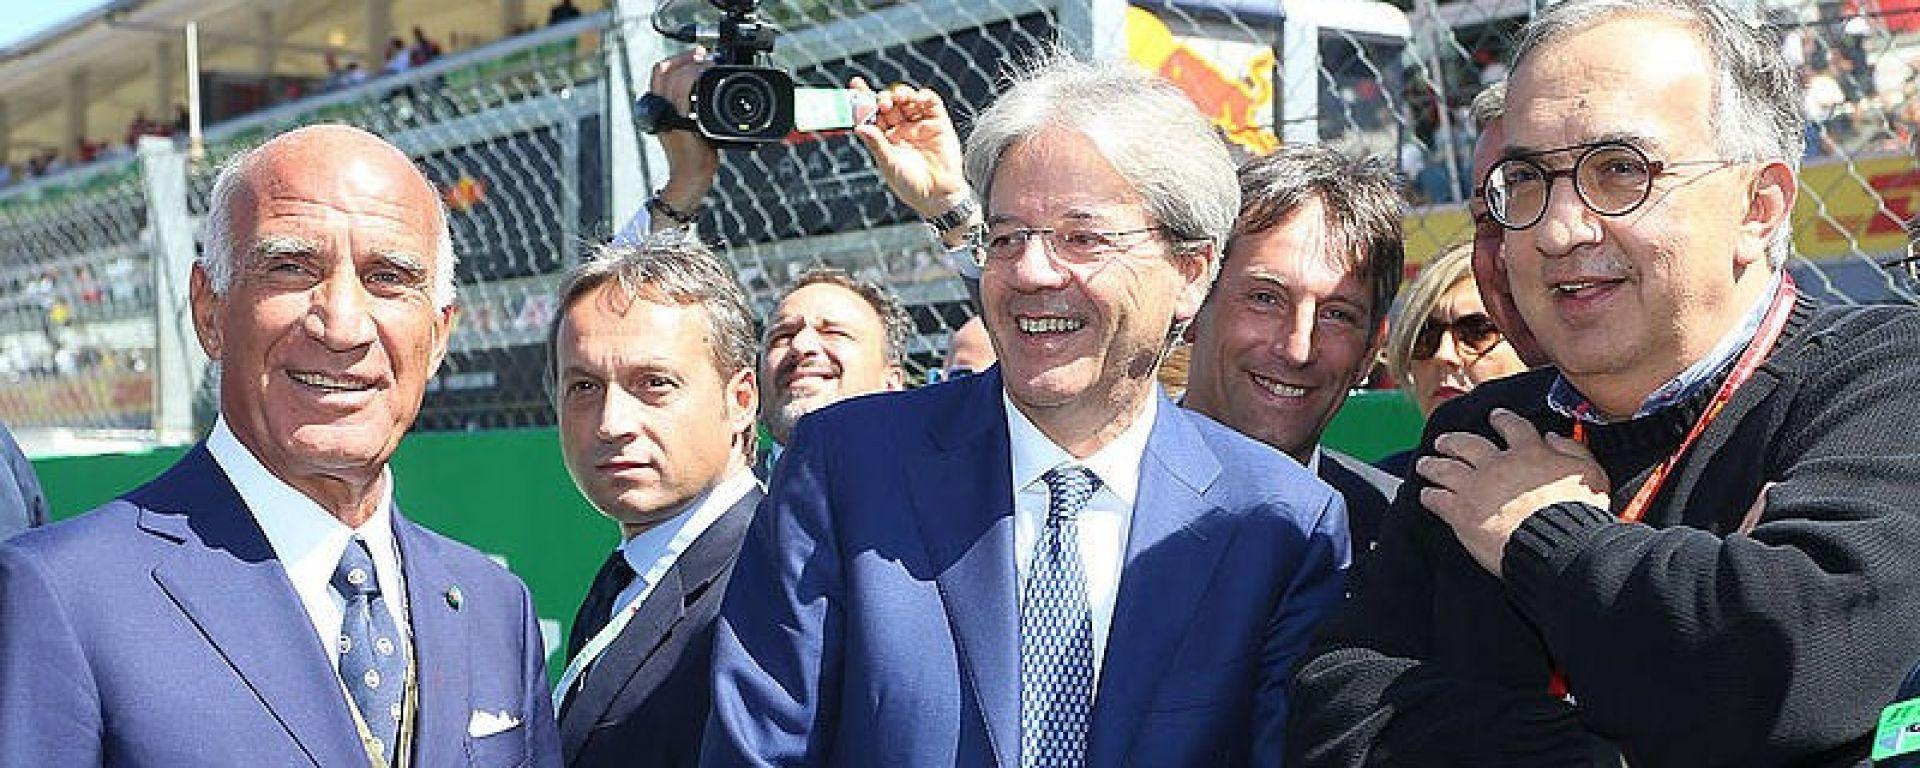 """Damiani senza mezzi termini: """"La Ferrari deve onorare Marchionne con una vittoria a Monza"""""""